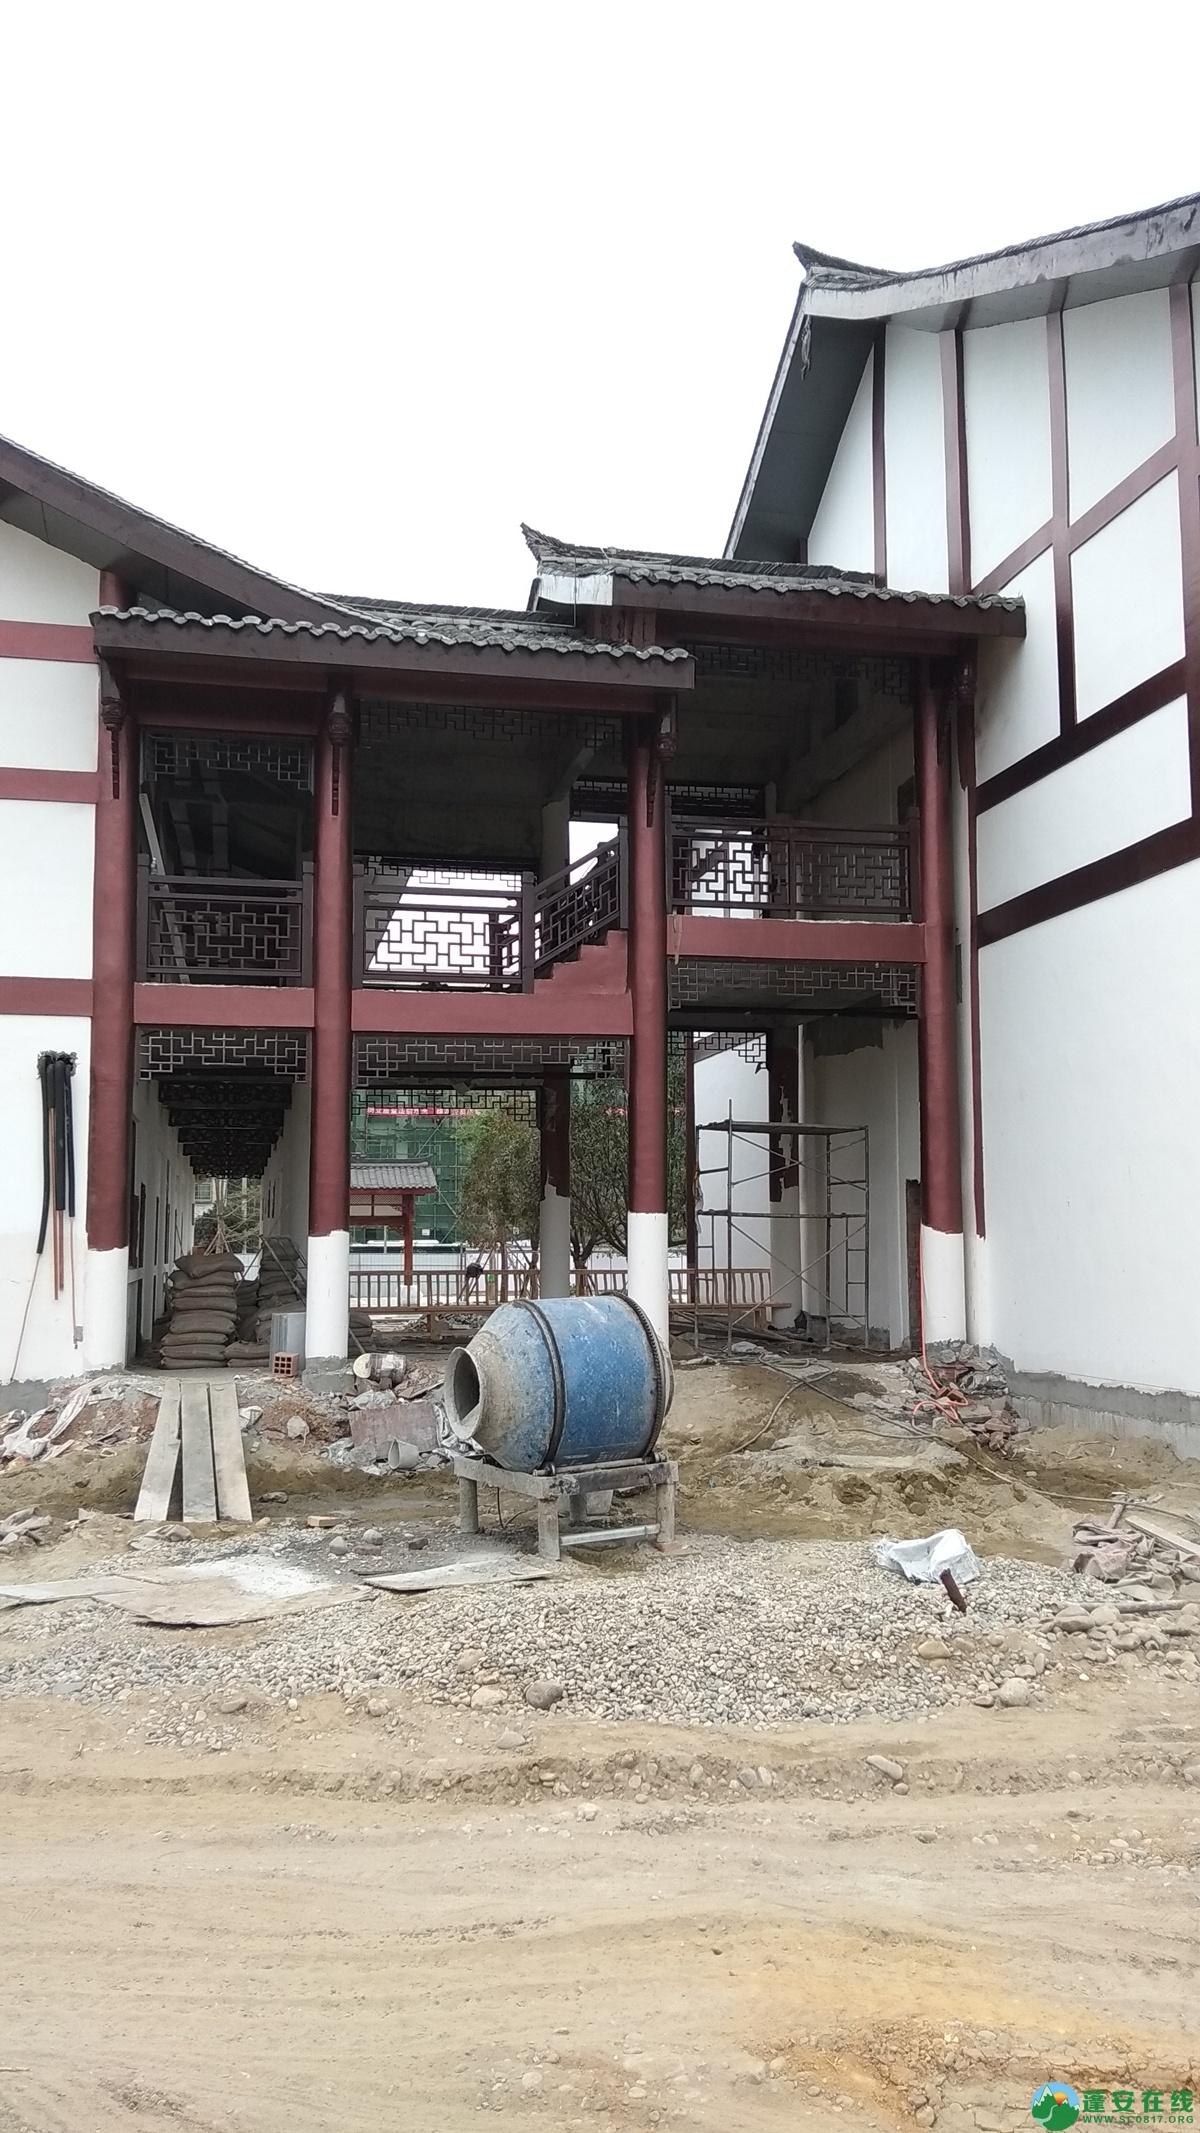 蓬安相如旅游接待中心建设进展(2018.6.3) - 第23张  | 蓬安在线